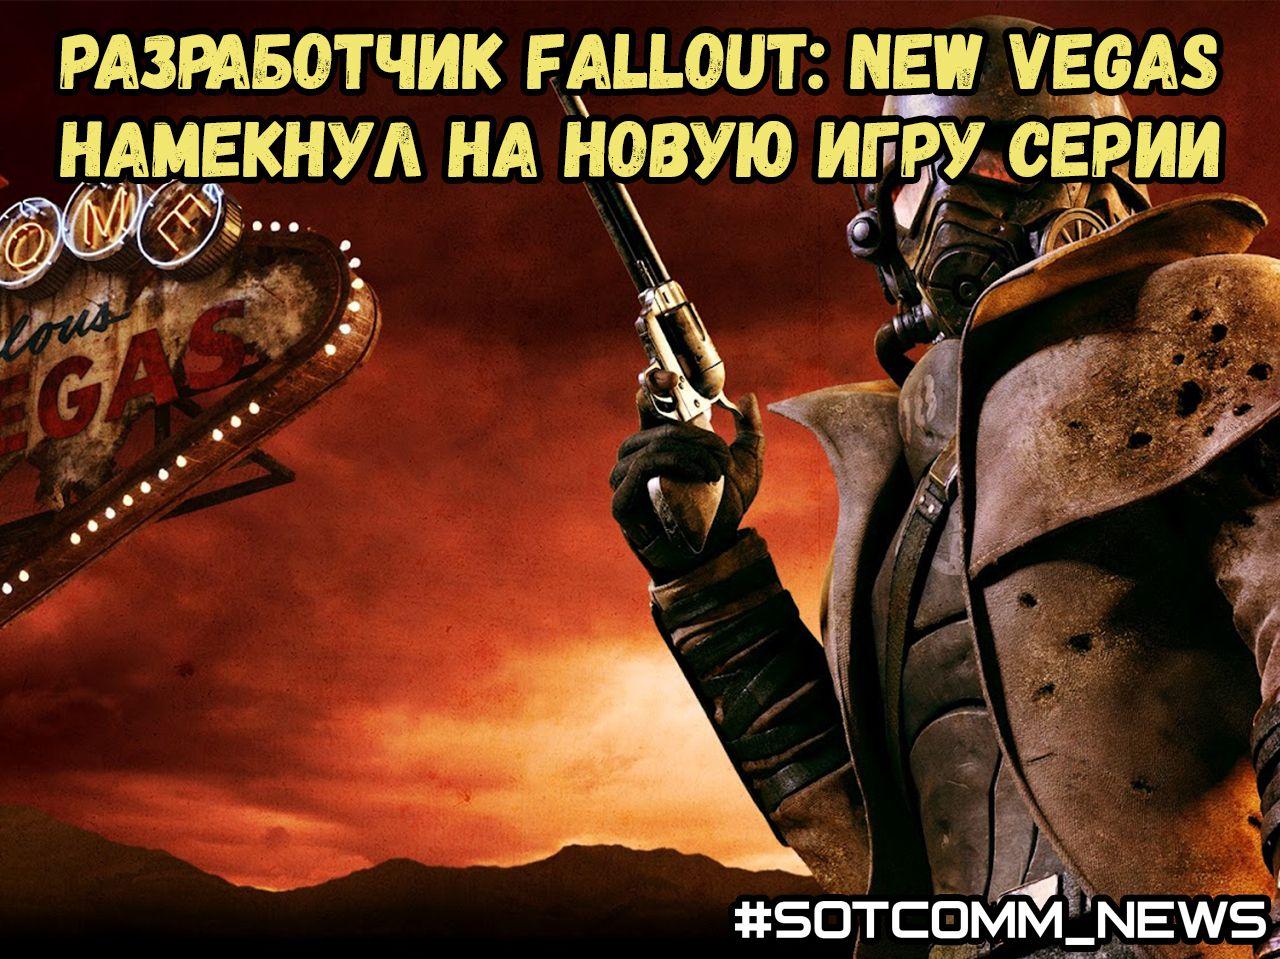 Разработчик Fallout: New Vegas намекнул на новую игру серии